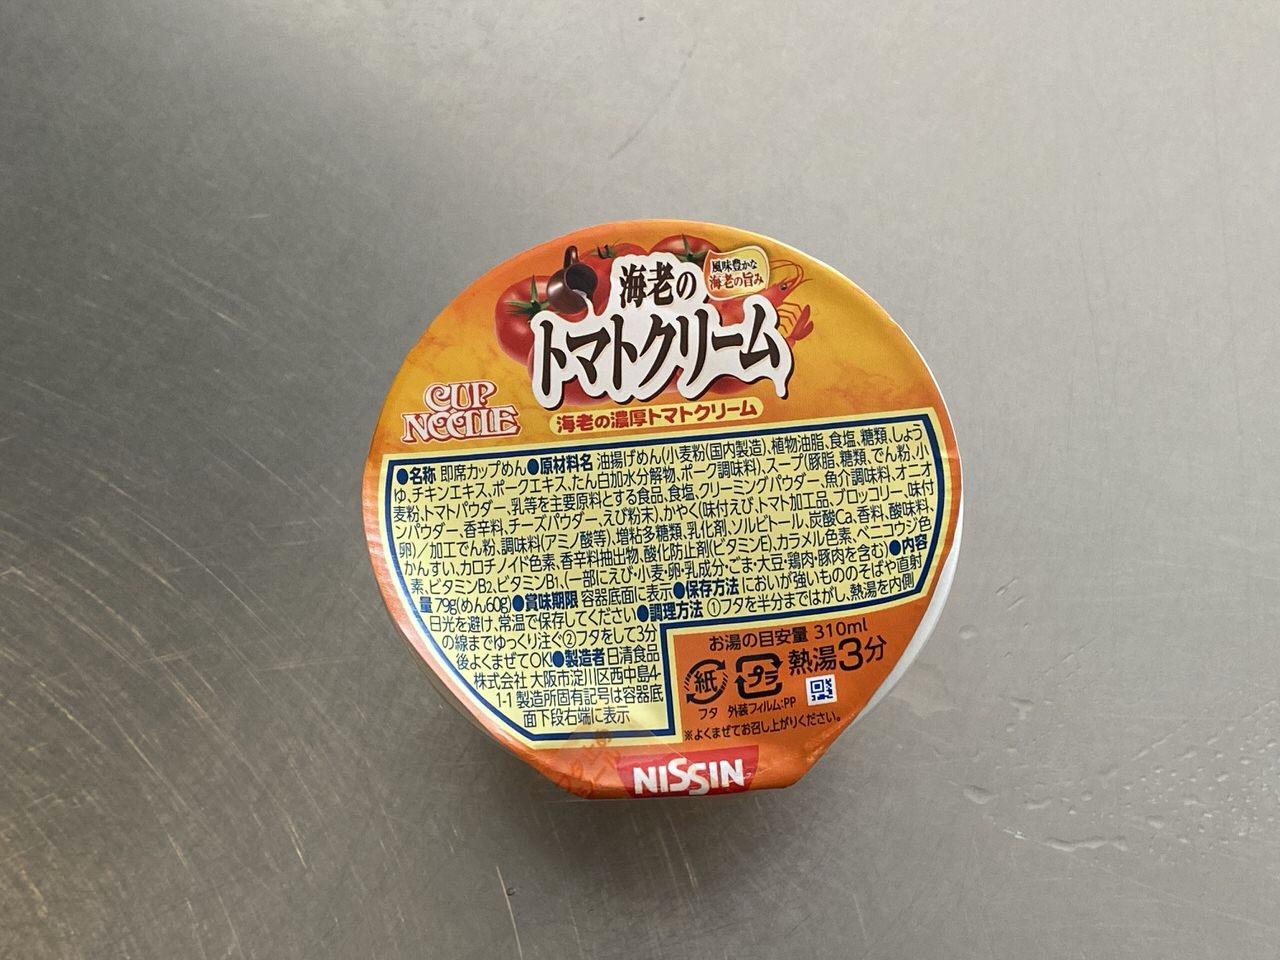 「カップヌードル 海老の濃厚トマトクリーム」3